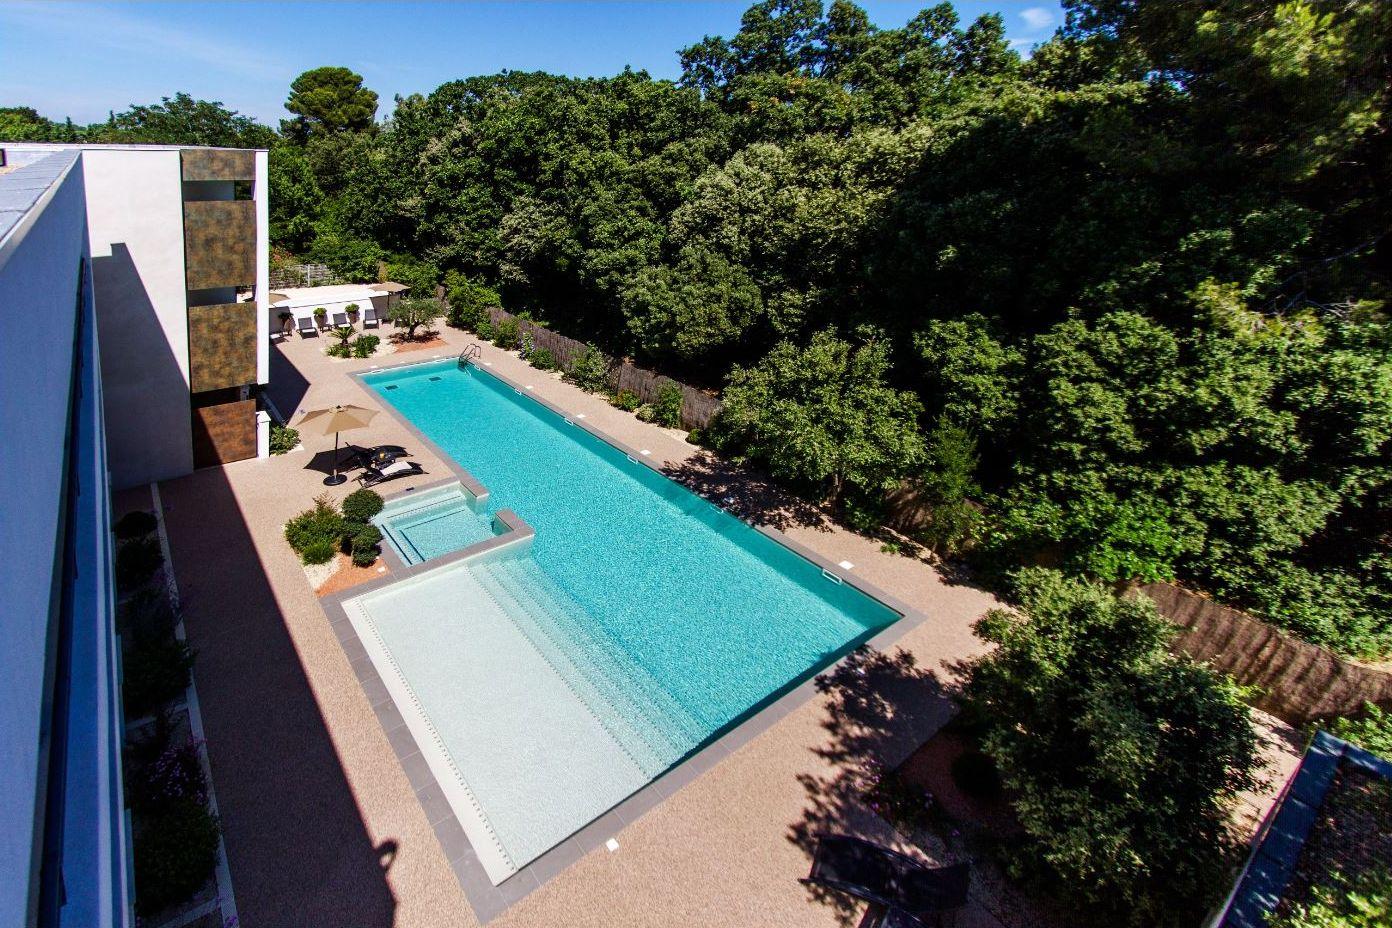 Forme hotel montpellier forme hotel montpellier for Tarif piscine montpellier